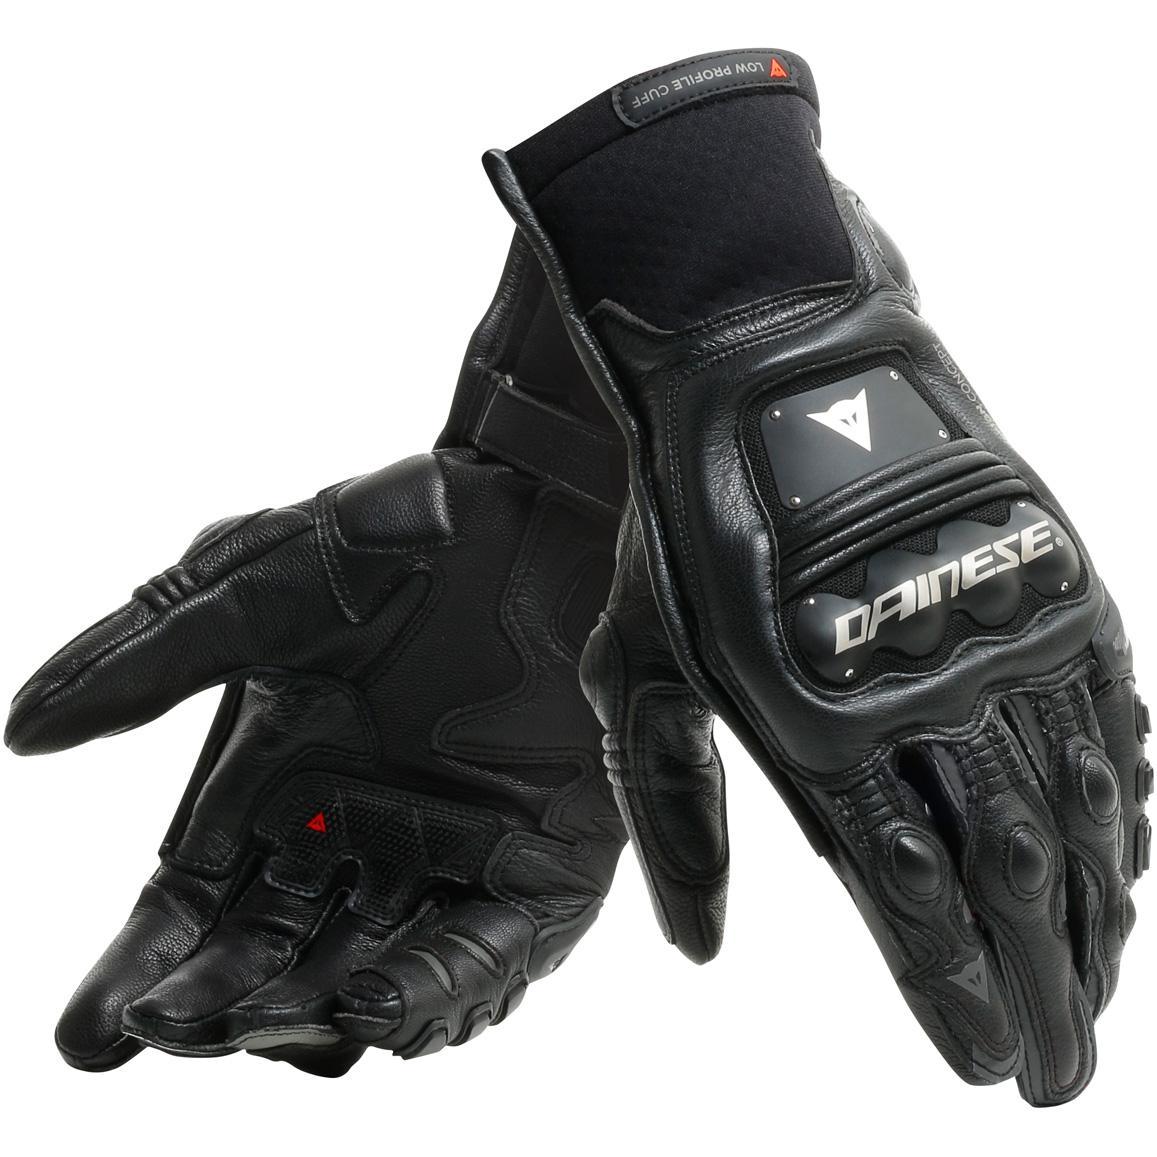 DAINESE-gants-steel-pro-in-image-10938972